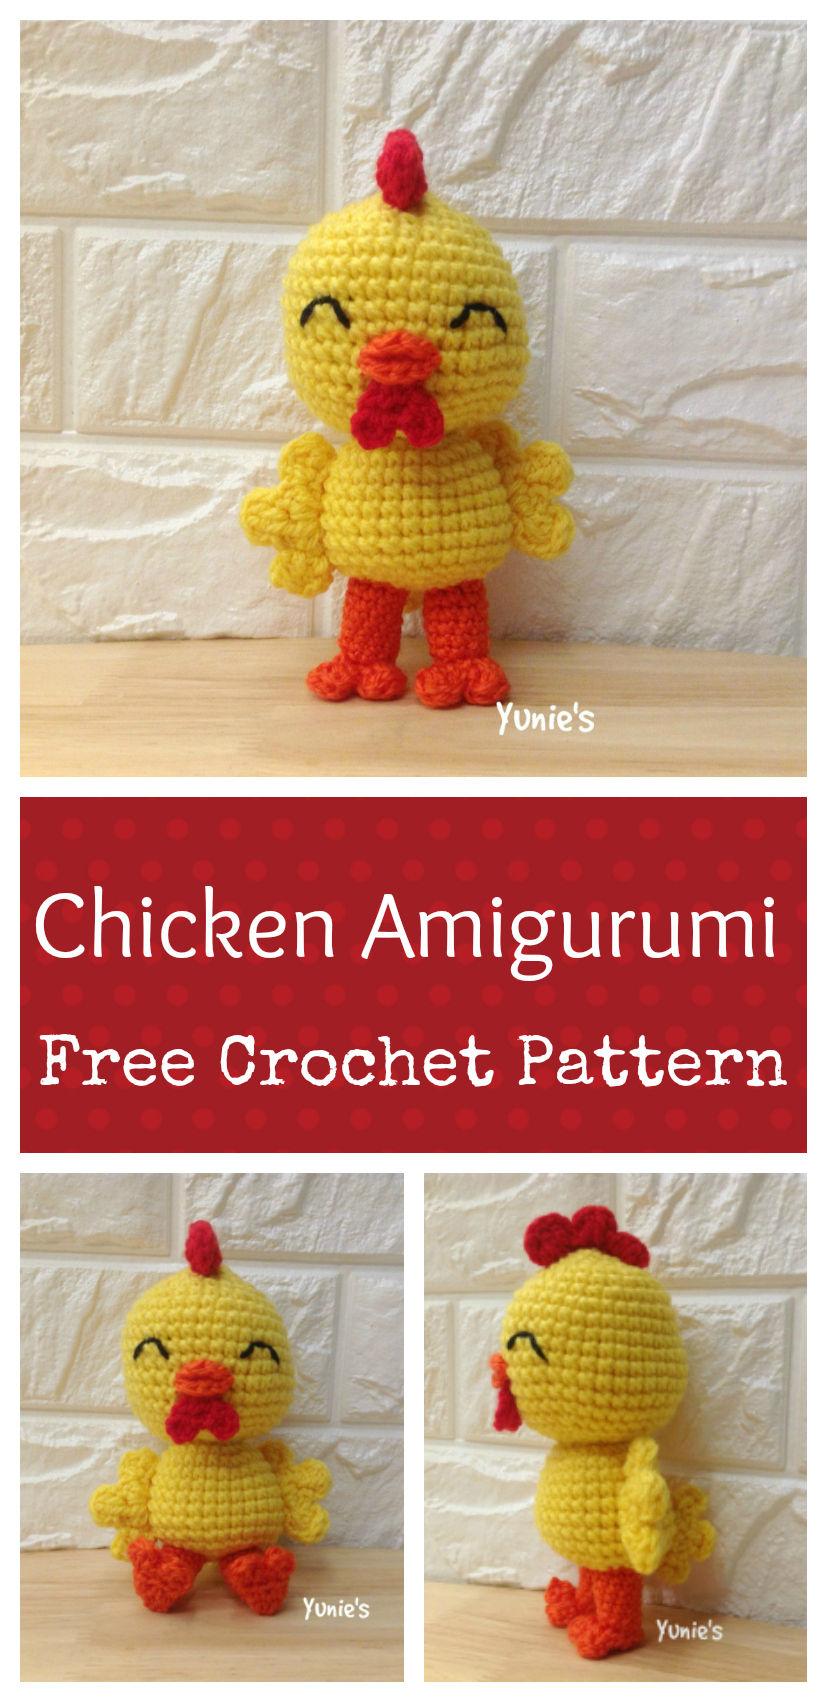 crocheted amigurumi chinese wedding dolls | Wedding doll, Crochet ... | 1702x827